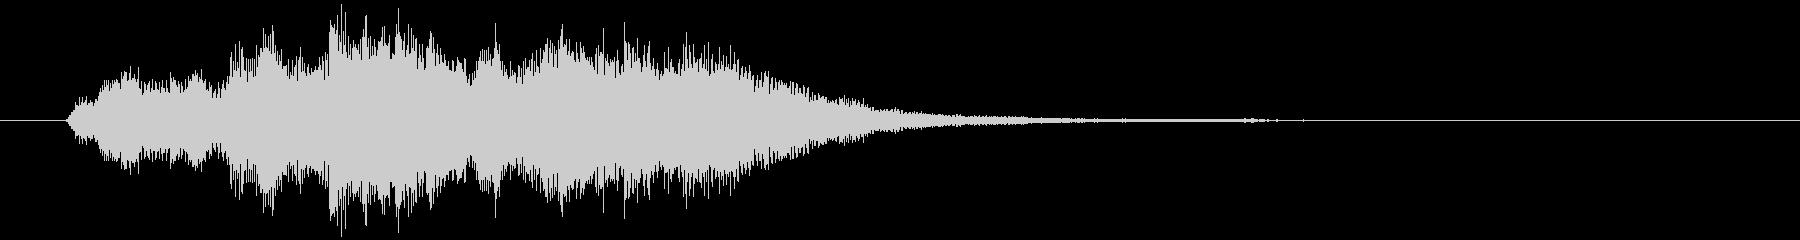 シンプルで使いやすいジングル、ロゴ。の未再生の波形